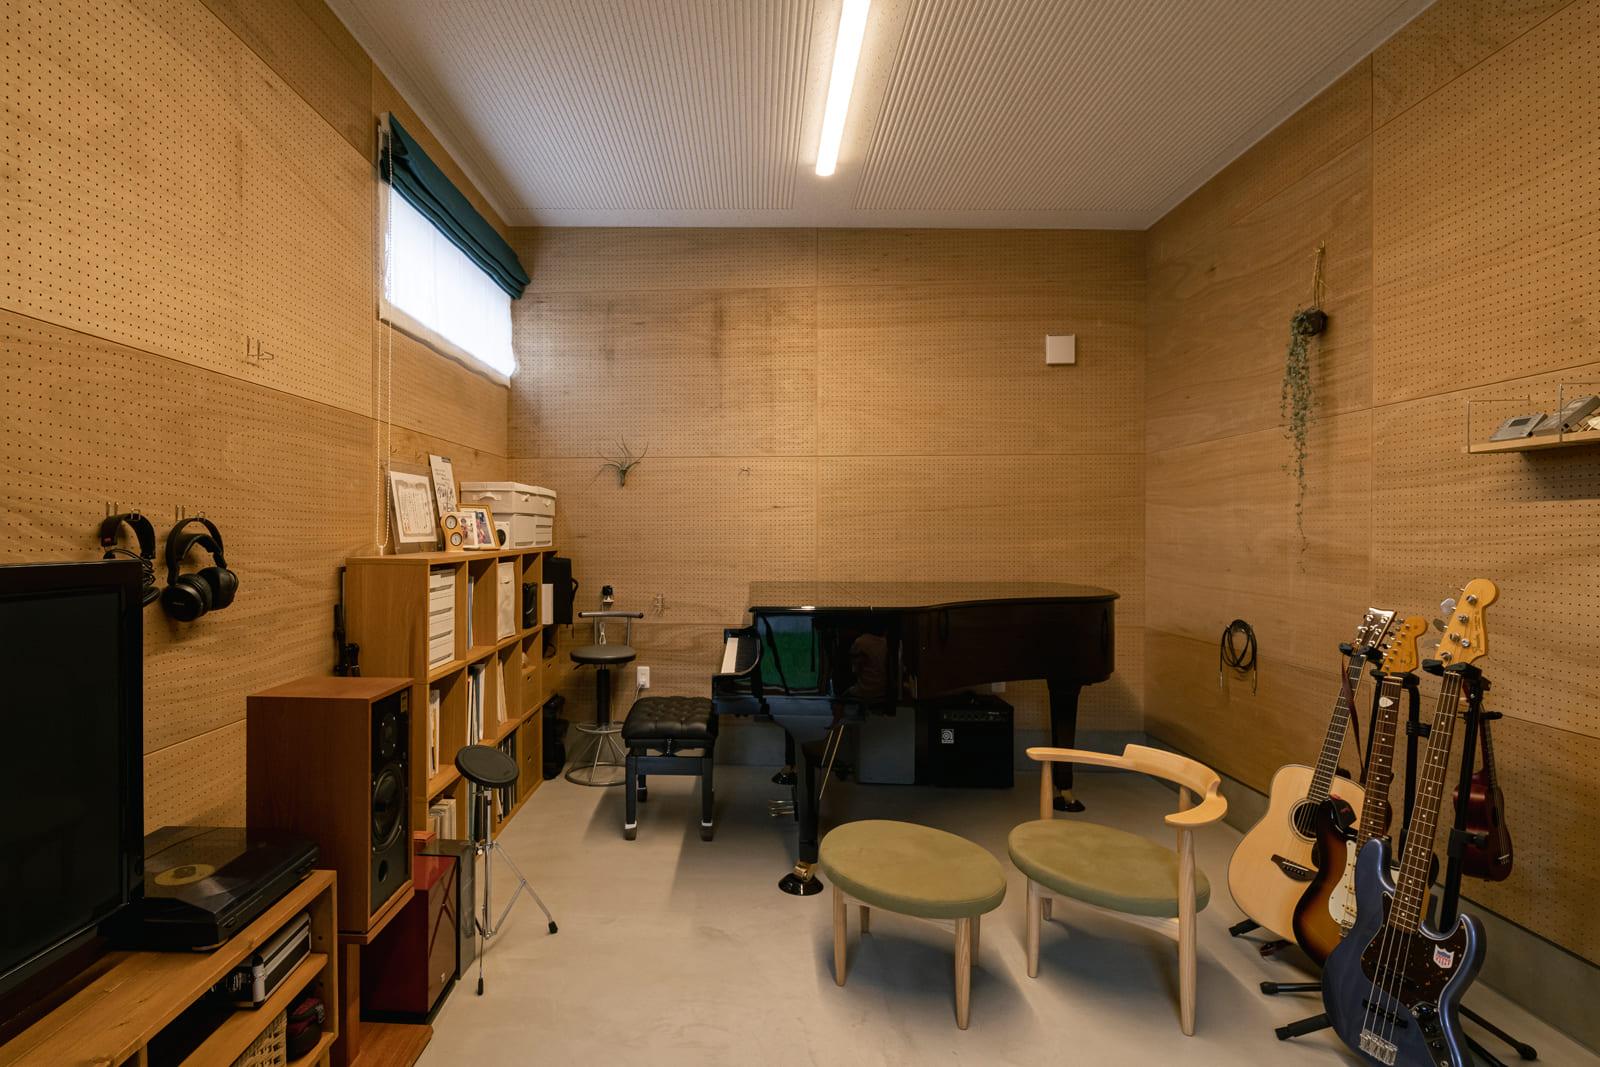 土間とつながる音楽室。天井高は約3mあり、床には床暖房。ご夫妻の願ったとおり、のびのびと音楽を楽しめる環境が整った